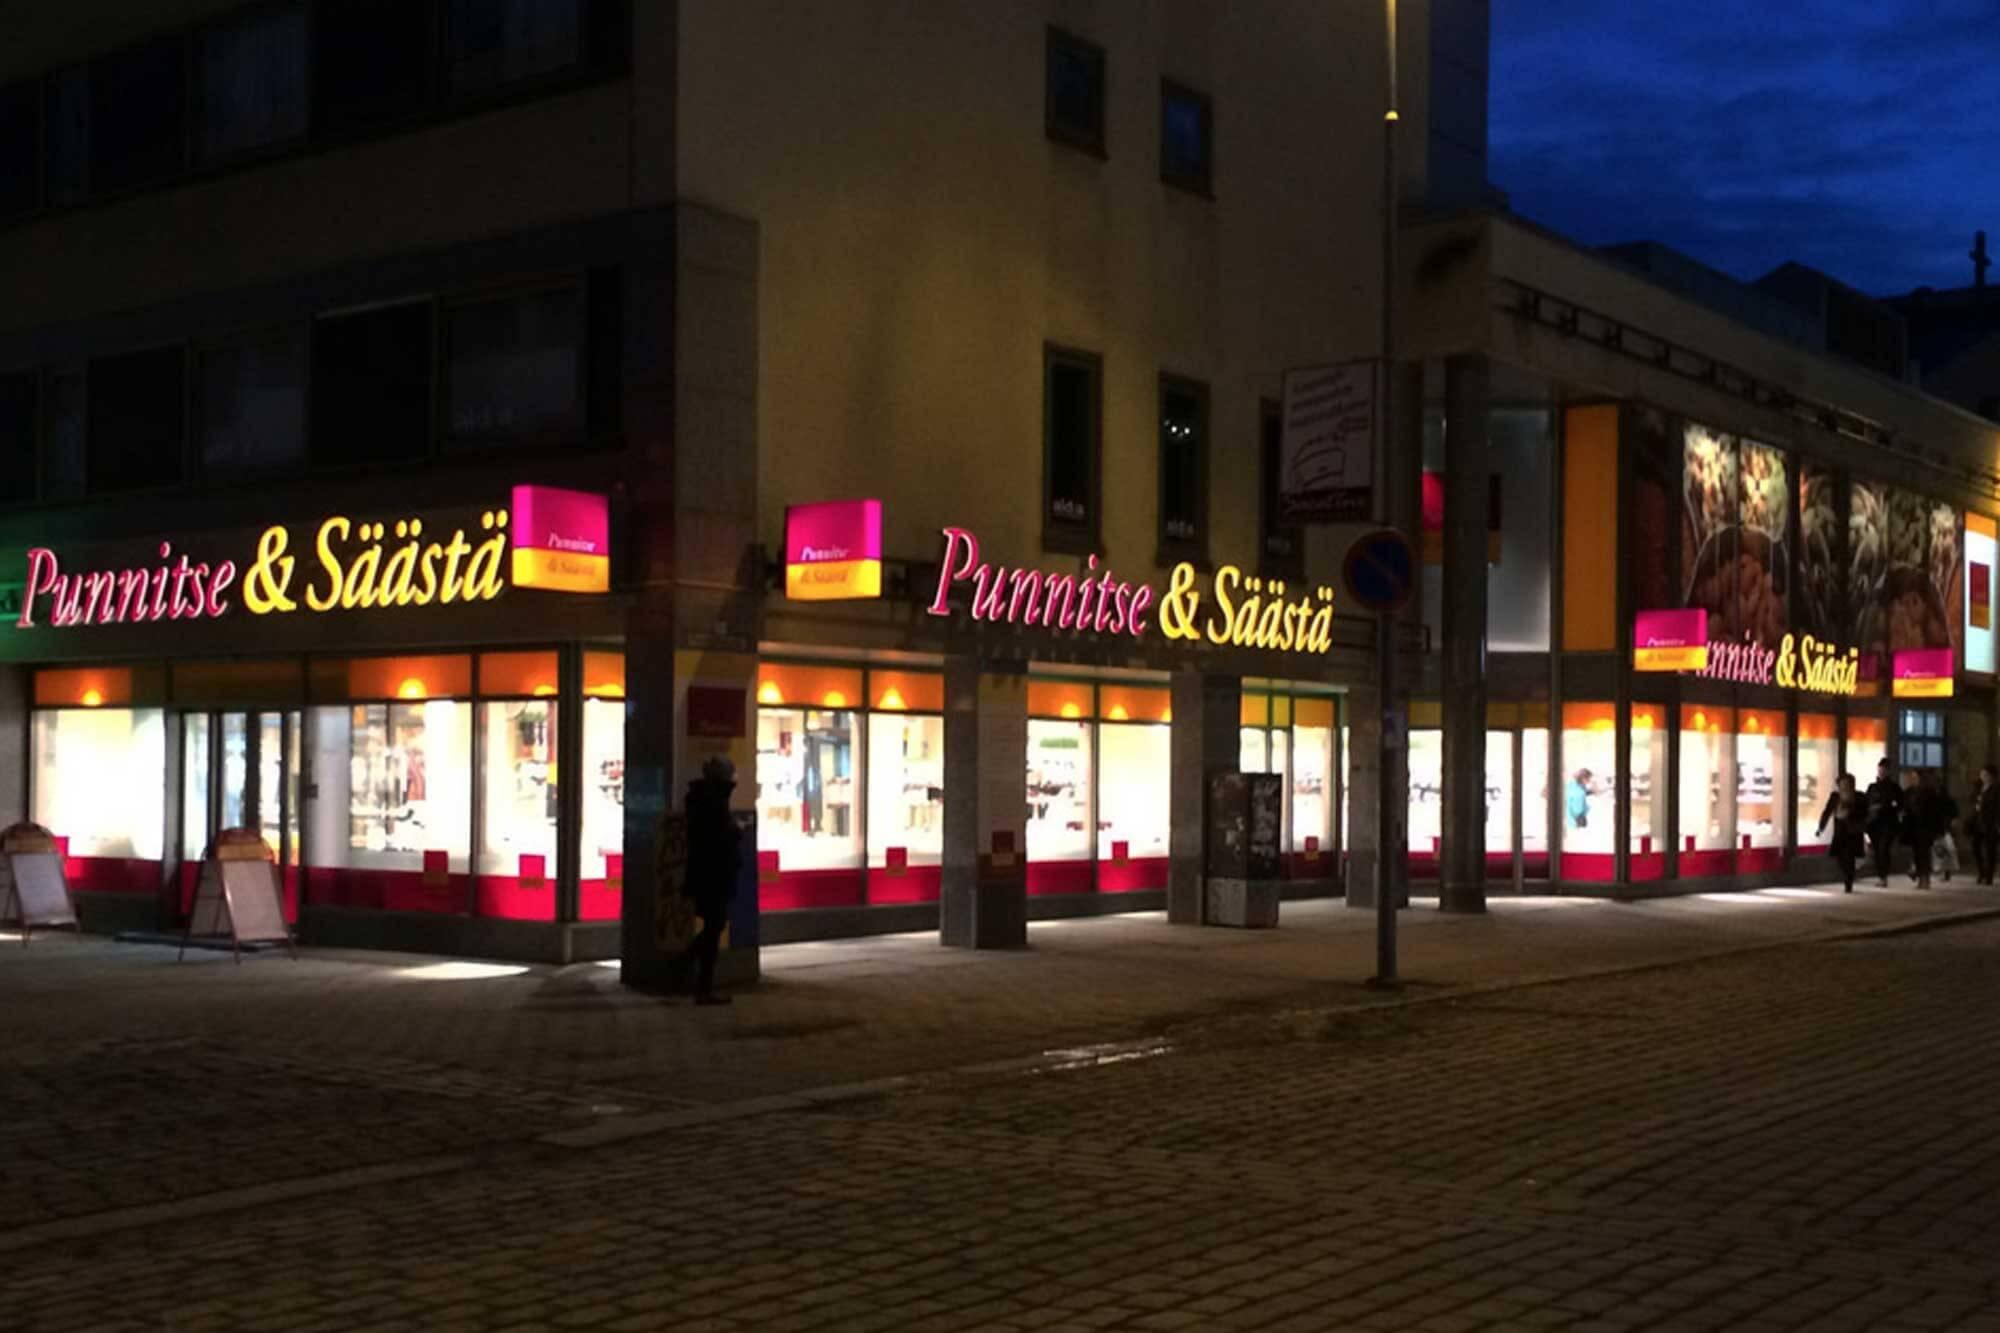 Myymälöiden valomainokset ja ulkoasu